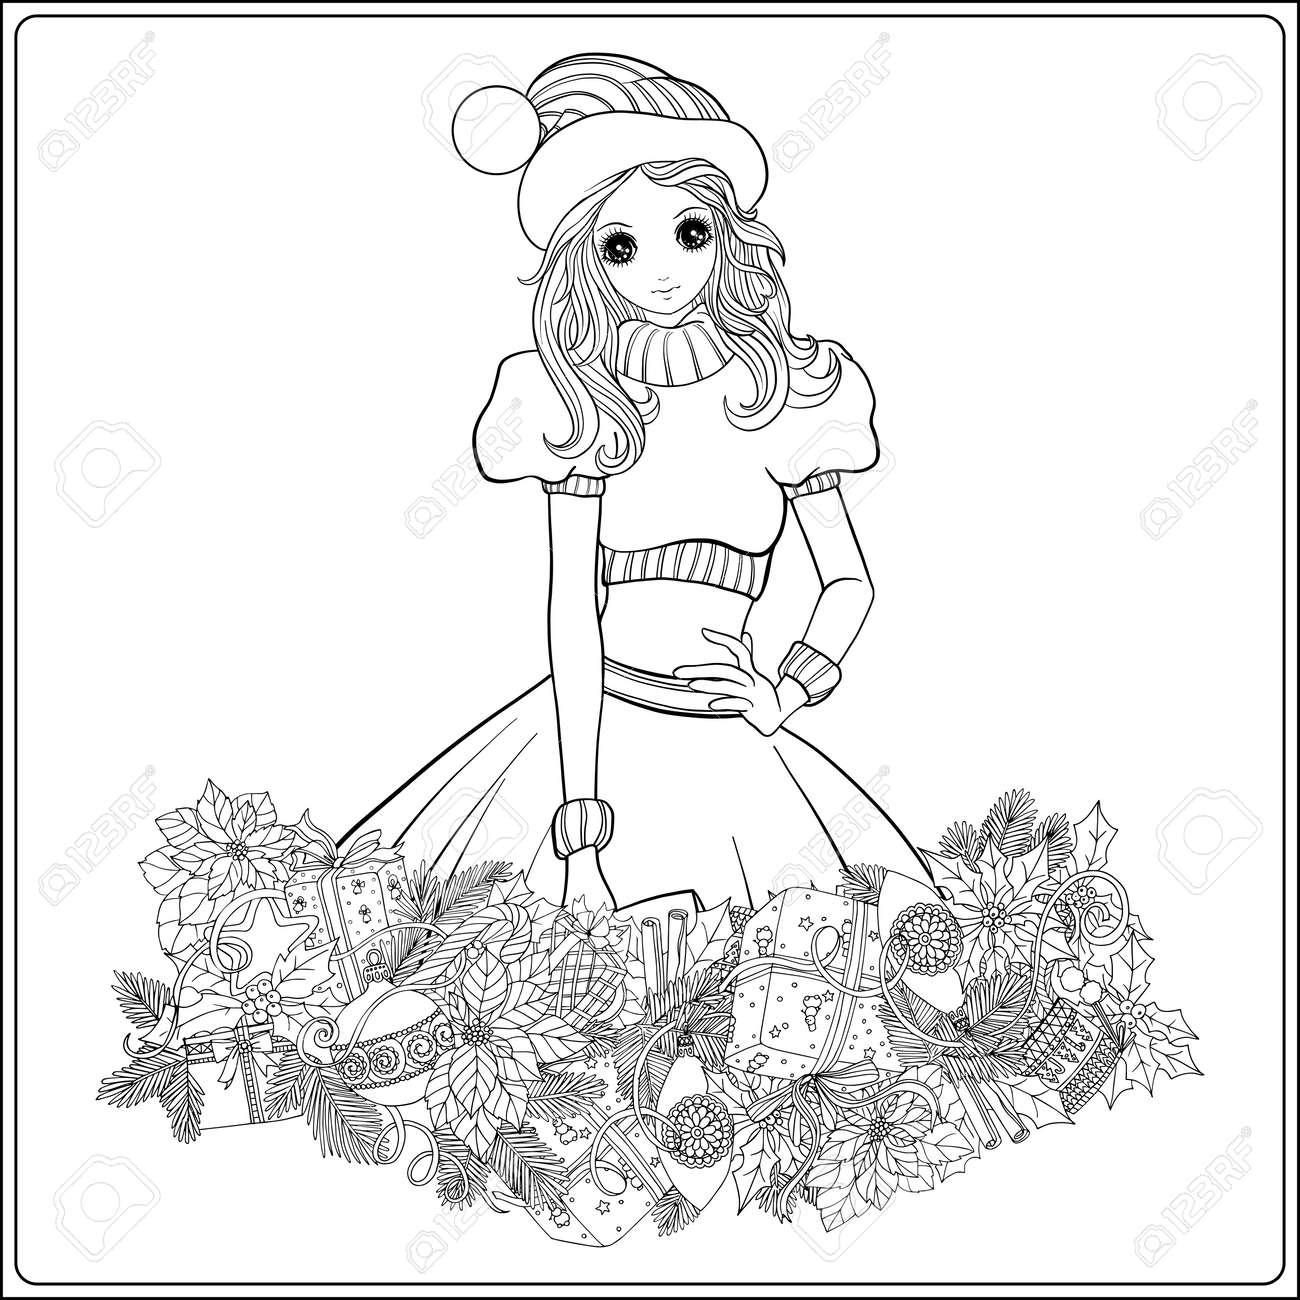 モミの枝やおもちゃのクリスマス リースとサンタ クロースの衣装やサンタ